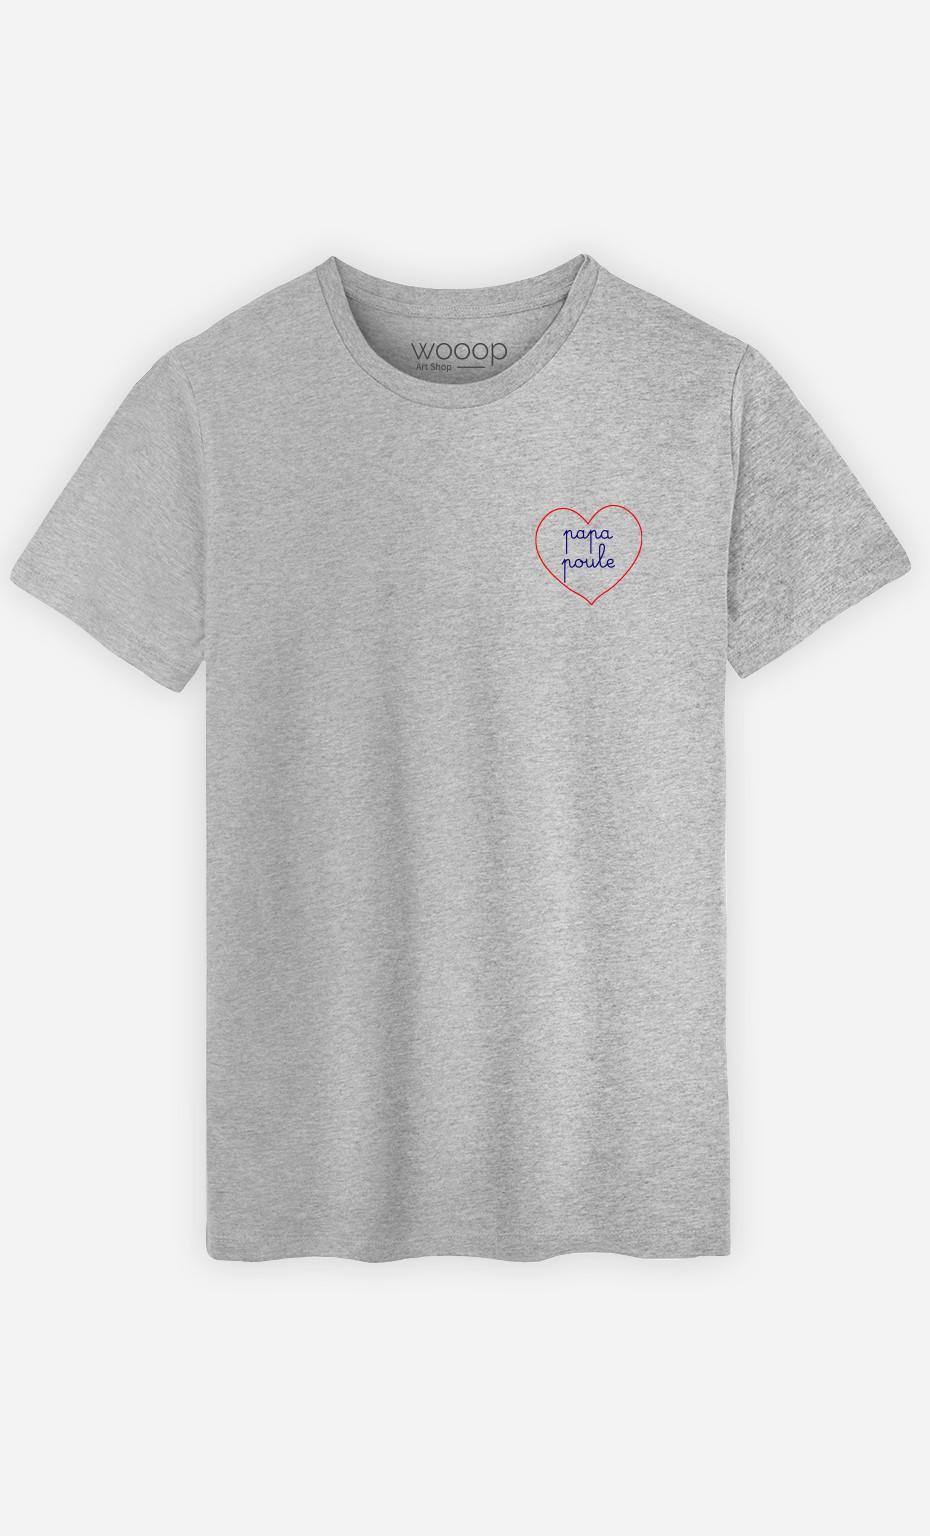 T-Shirt Homme Papa Poule - Brodé